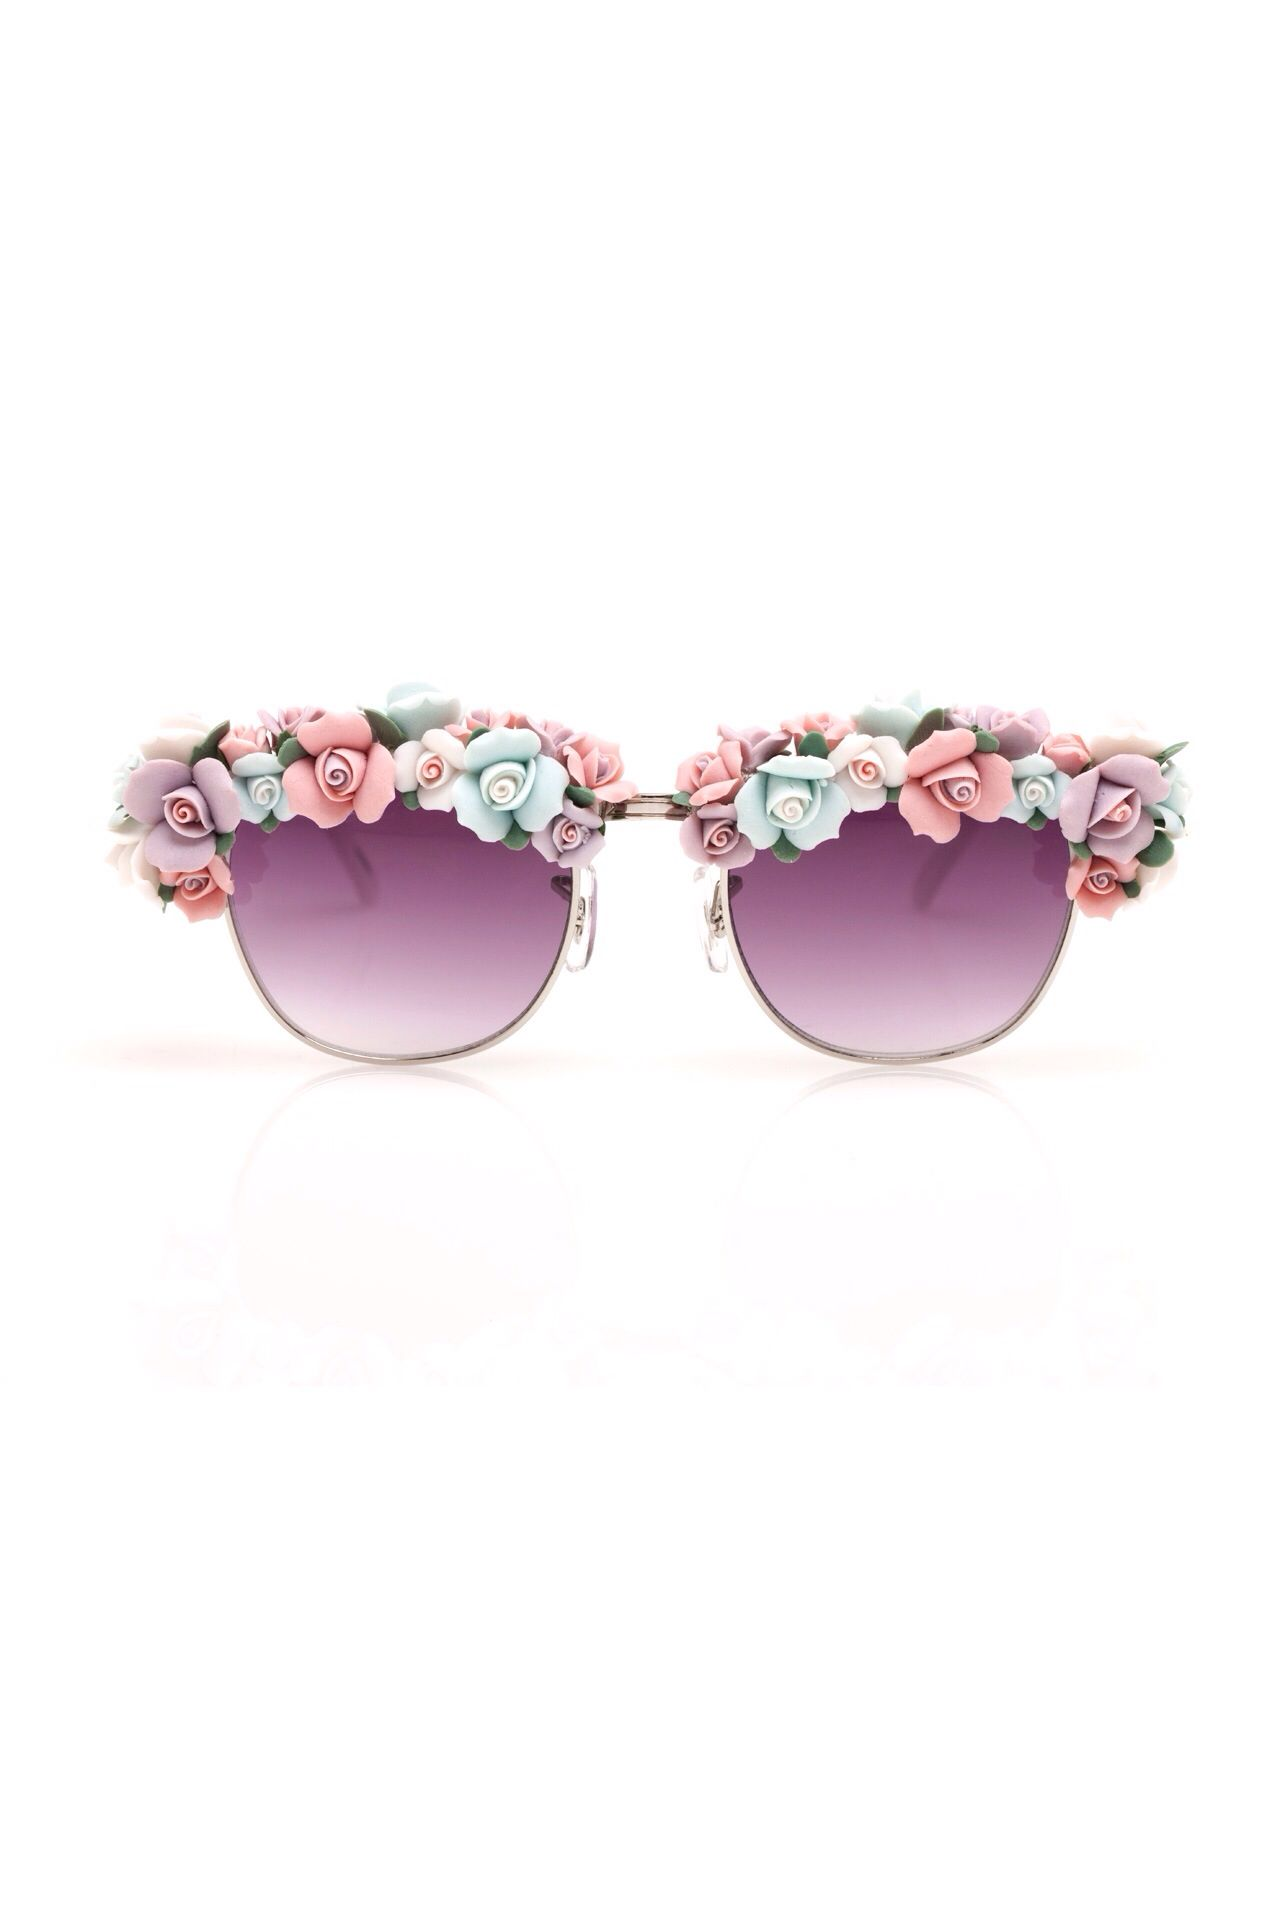 Óculos De Sol De Verão, Óculos, Sunnies, Tiaras, Designer De Bolsas Baratas c82708cc85